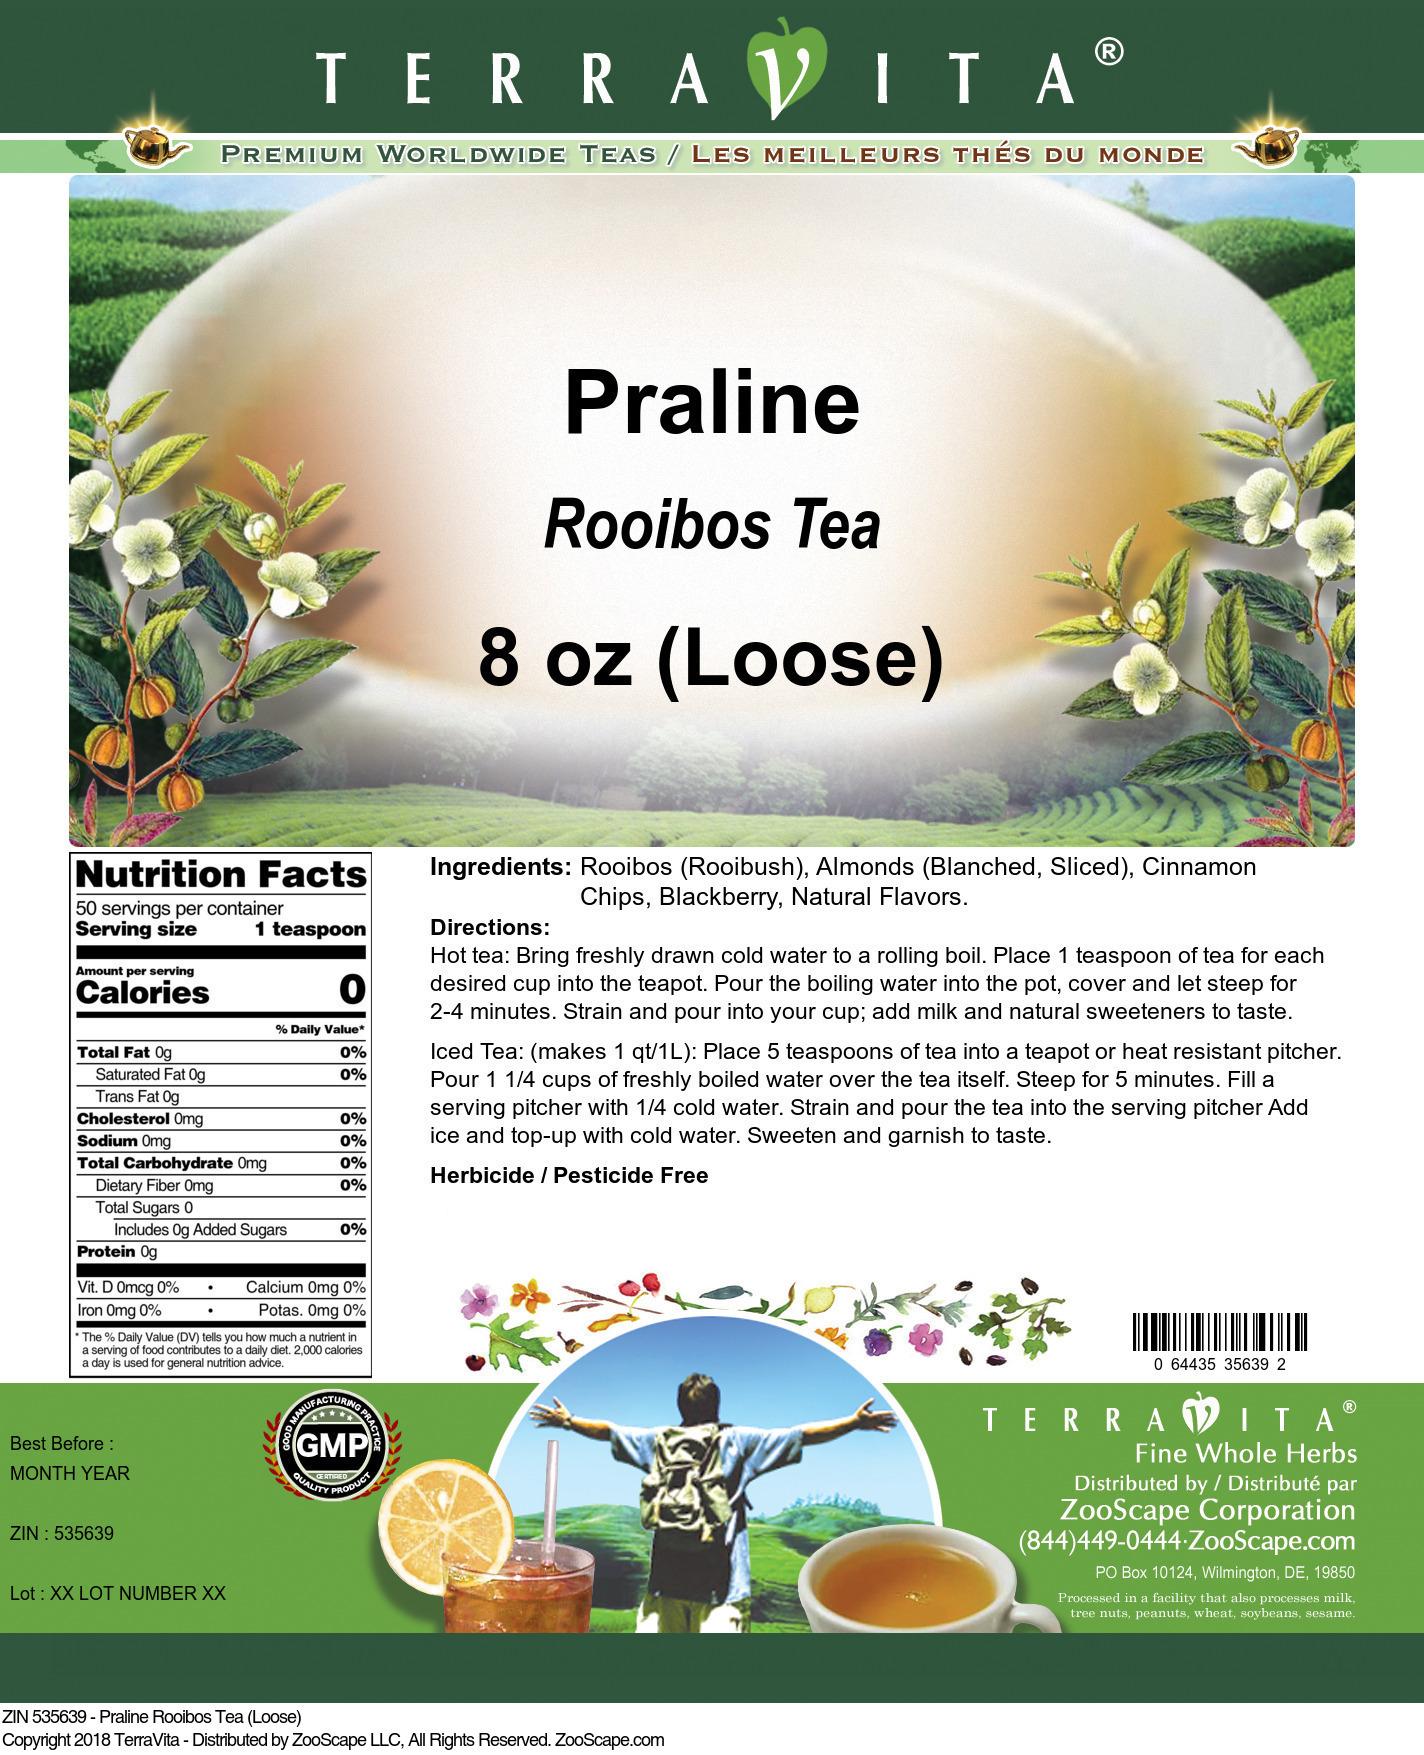 Praline Rooibos Tea (Loose)